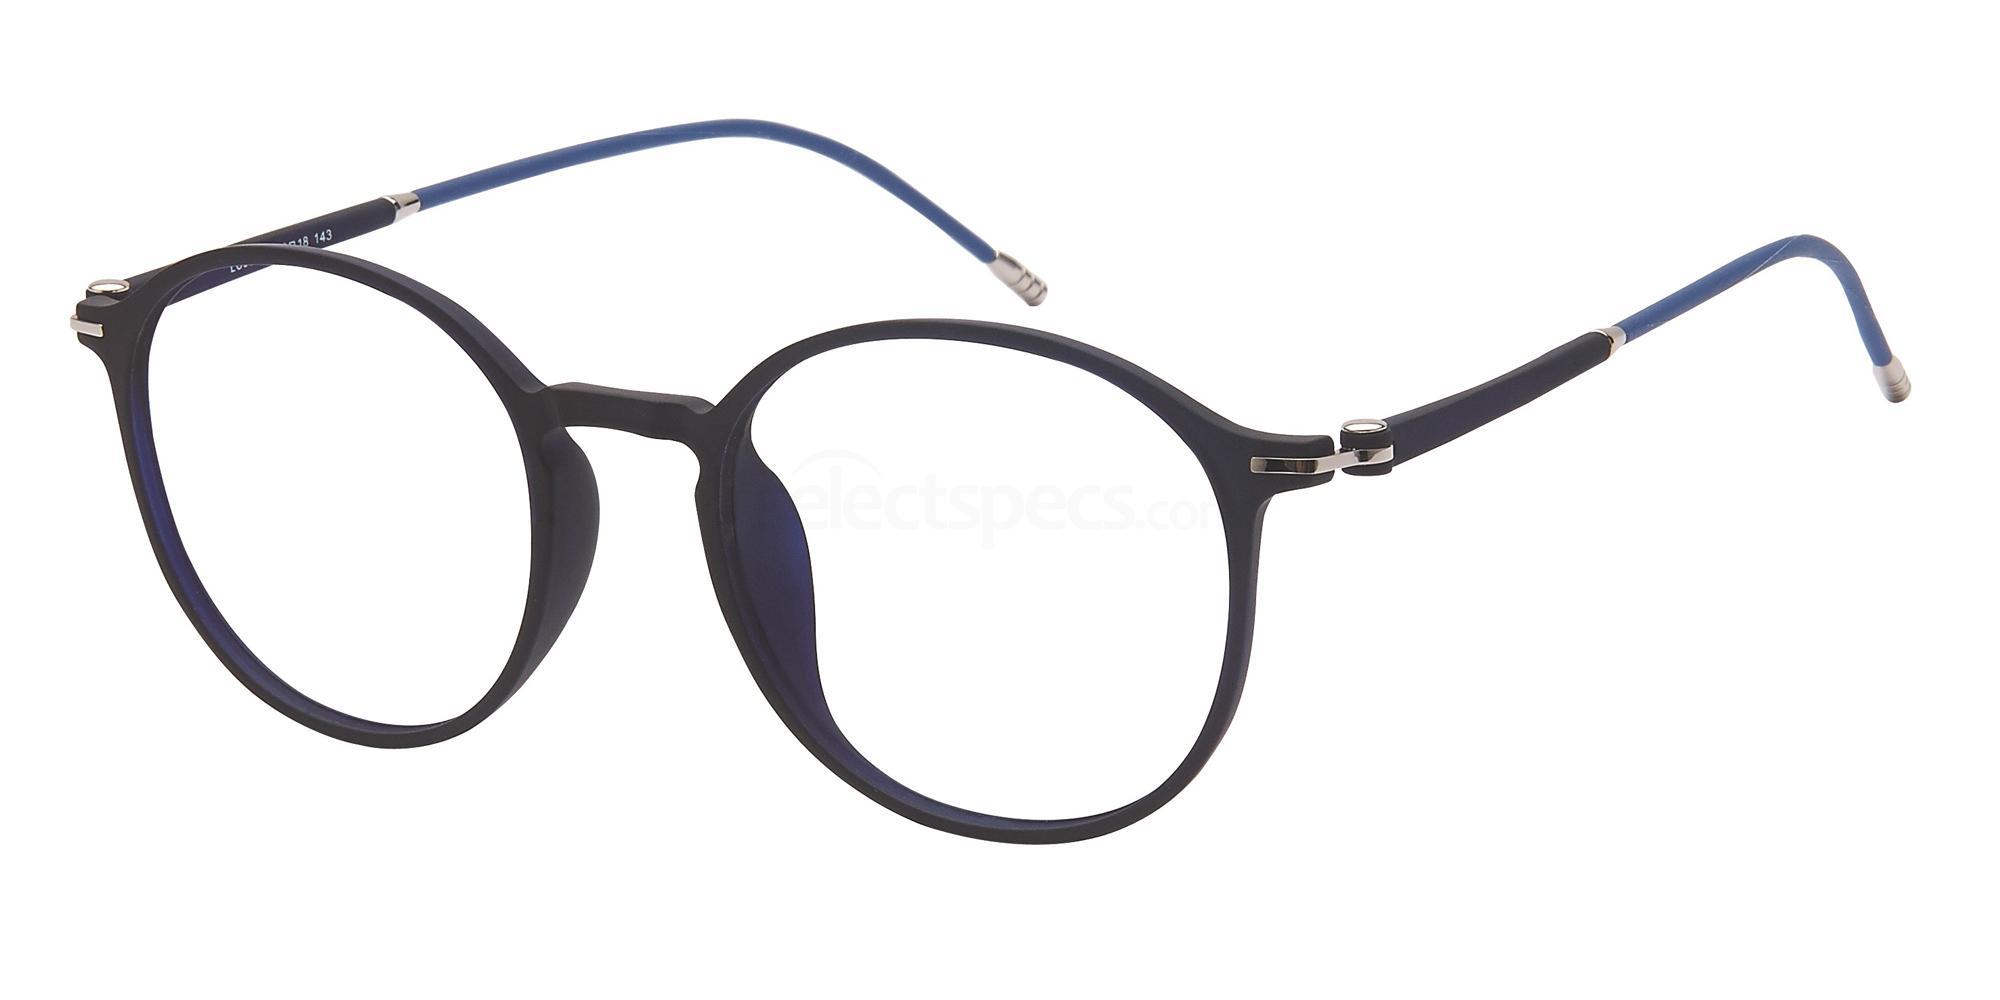 C1 LC90 Glasses, London Club